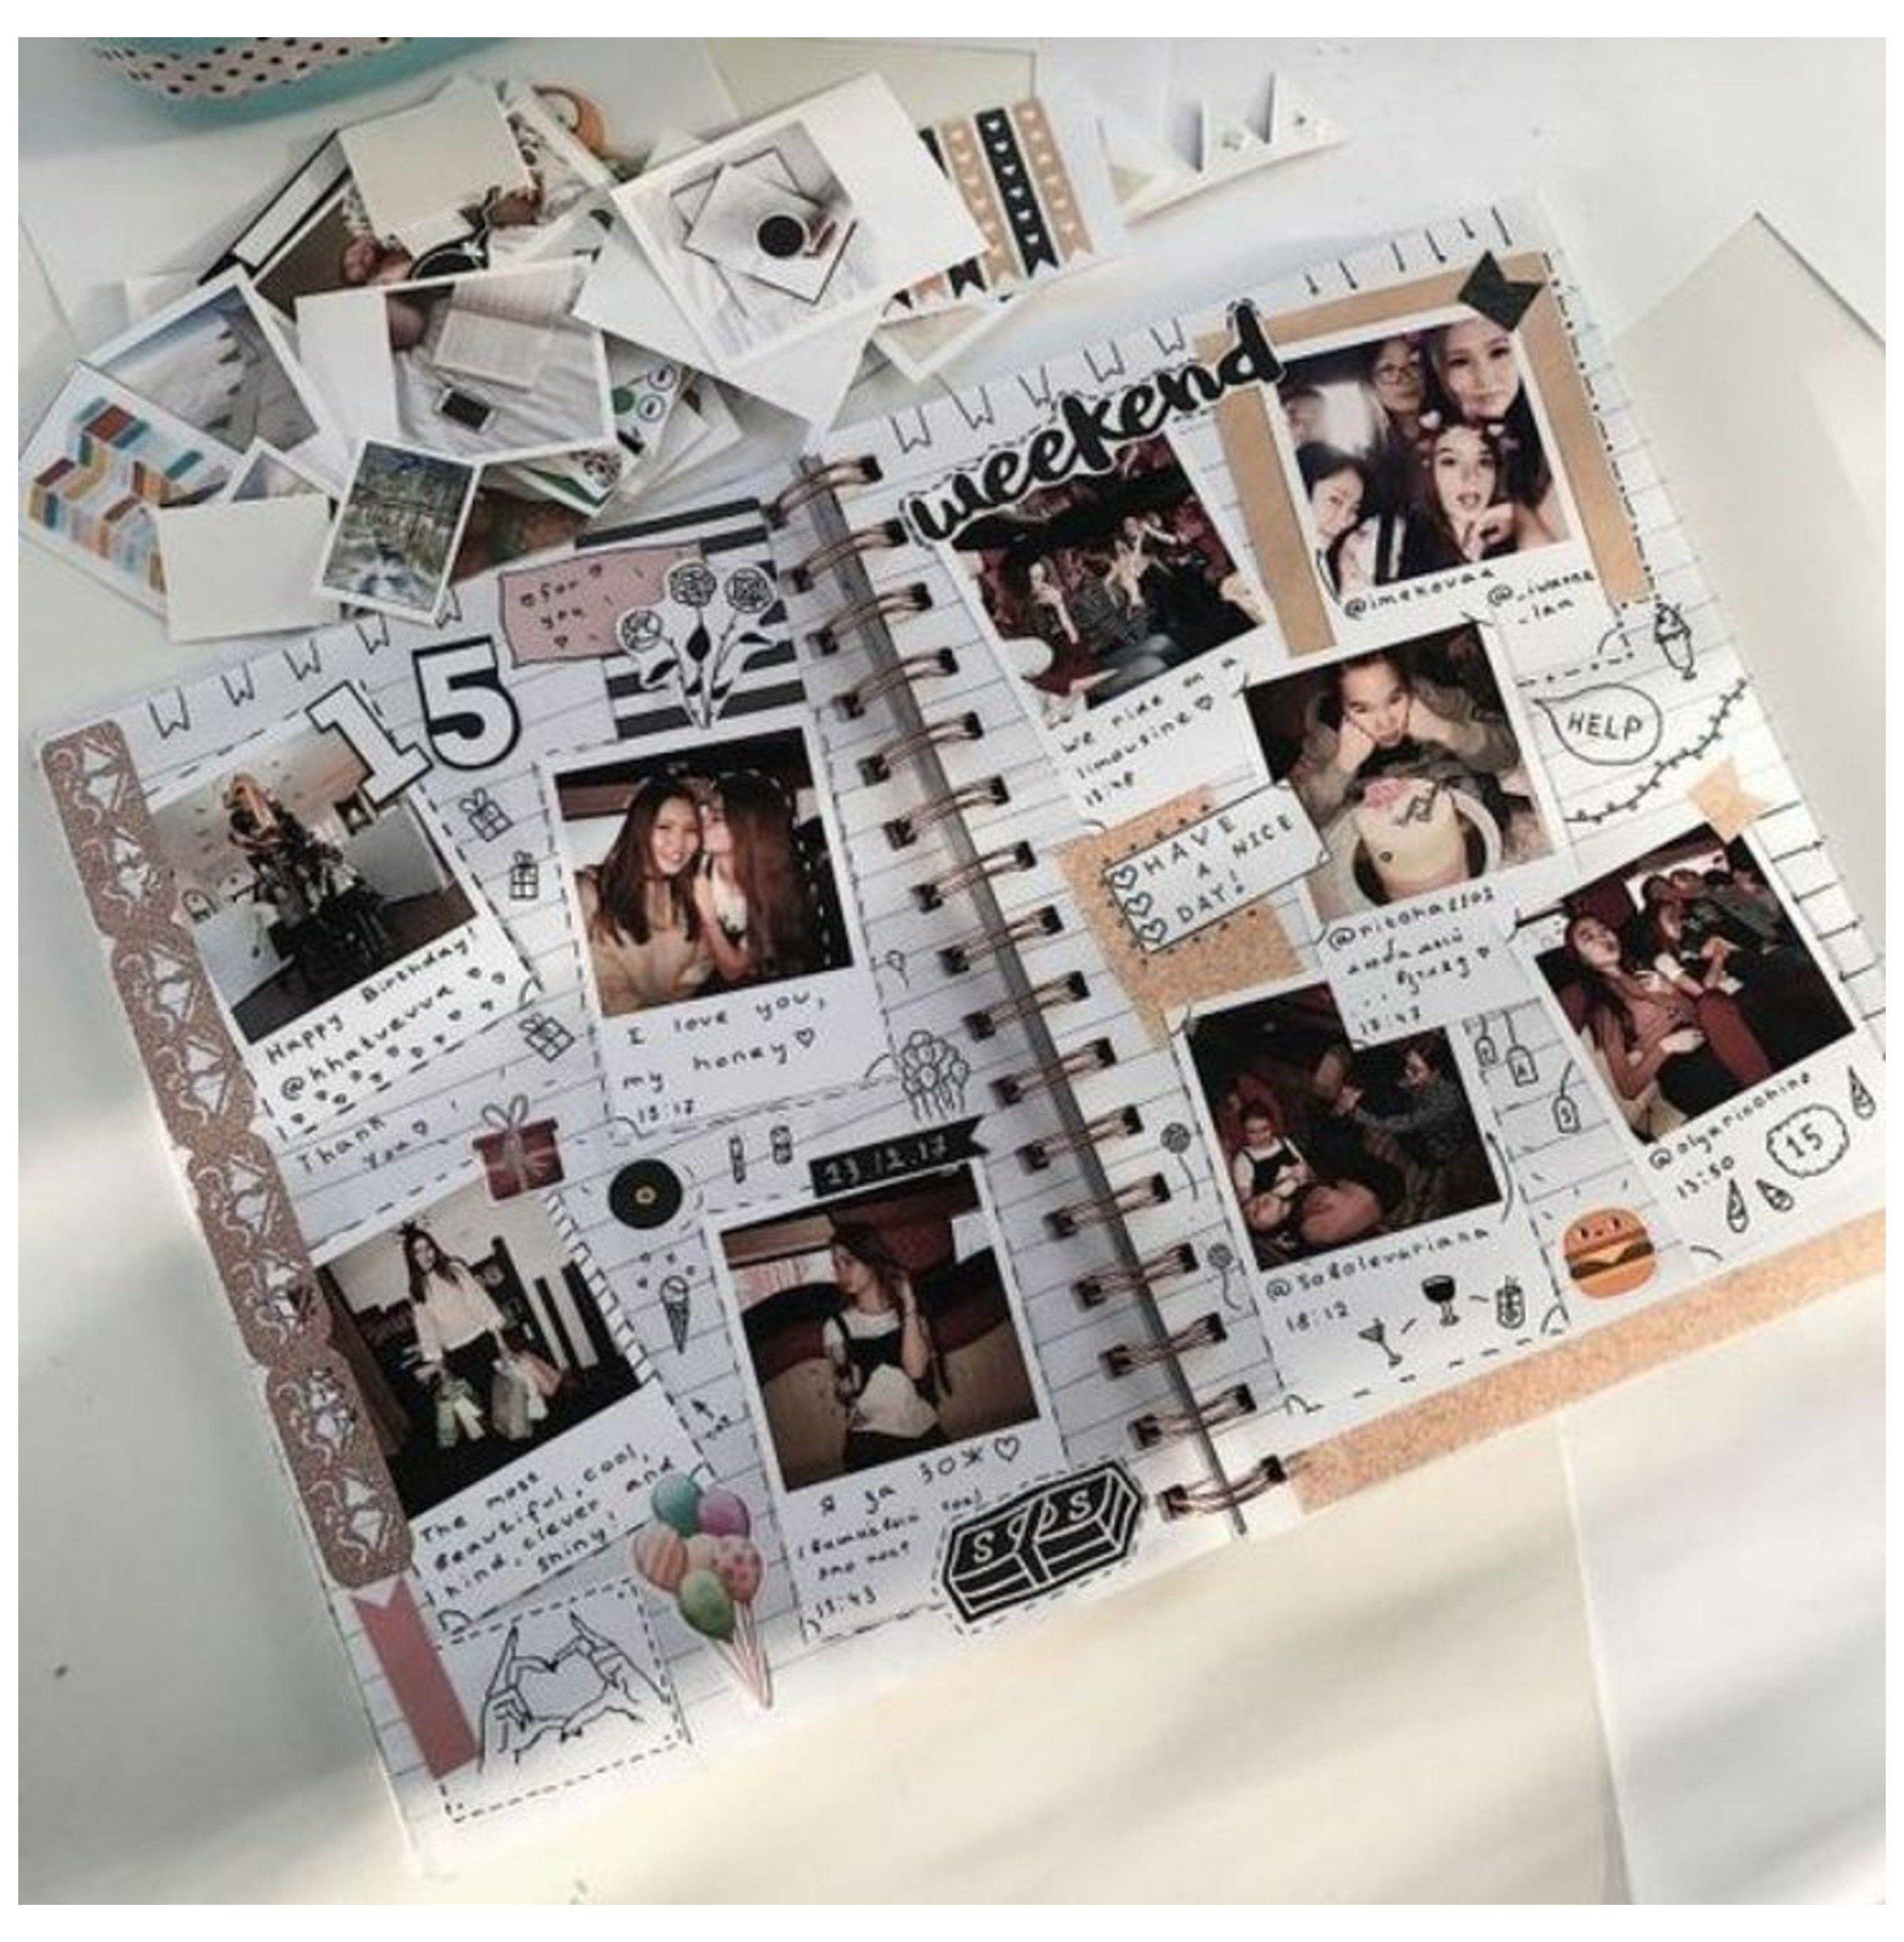 10+ Scrapbook Ideas #scrapbook #ideas #aesthetic #friends ...